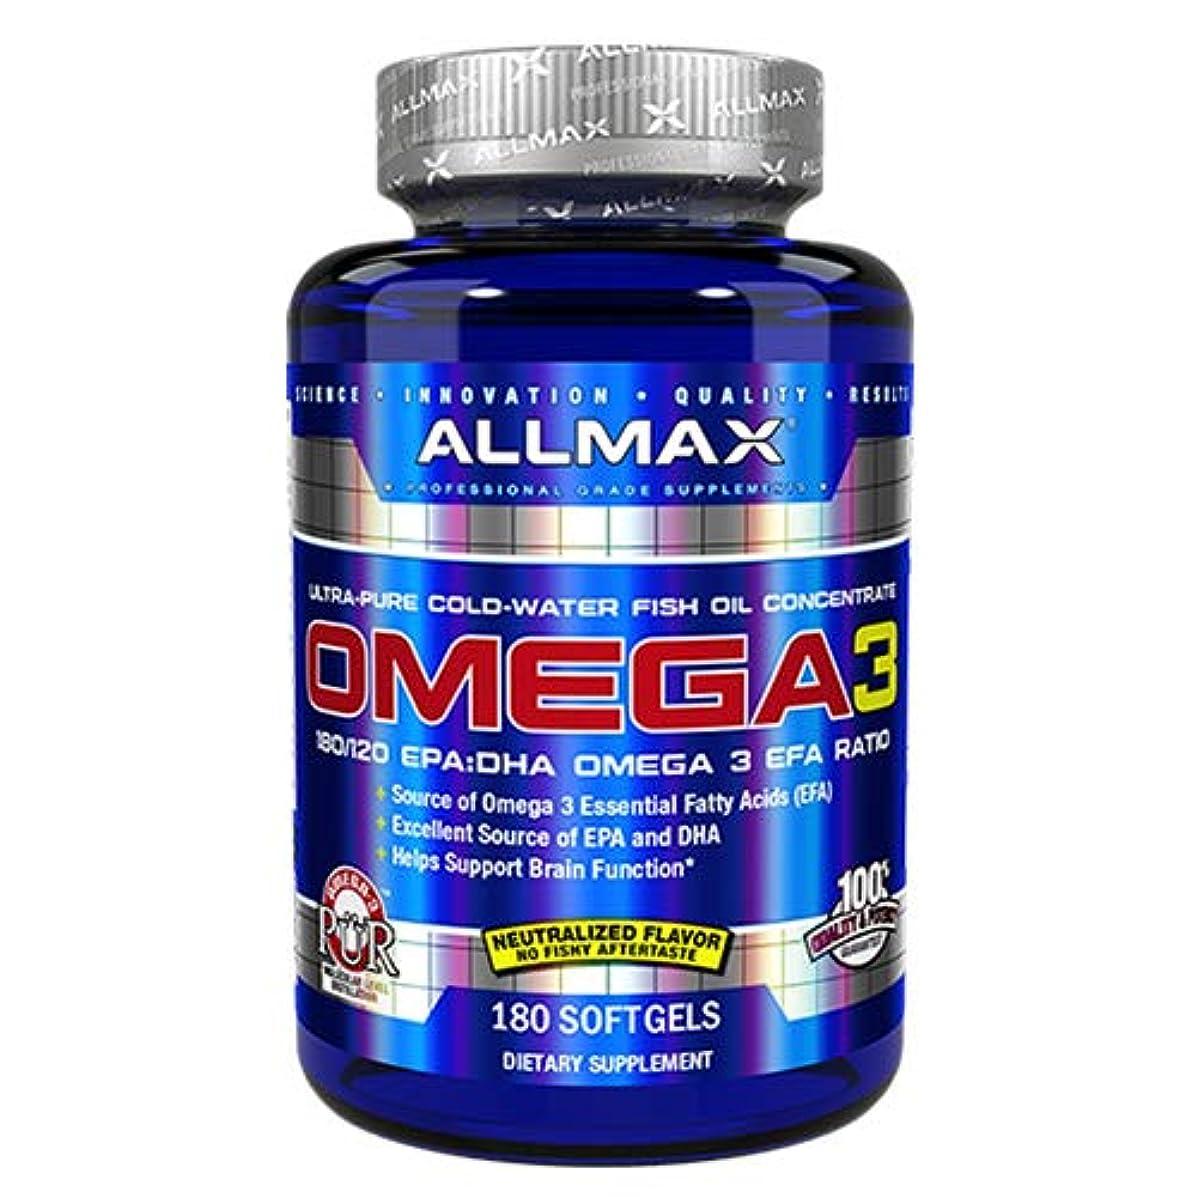 畝間クライマックス報酬オメガ3 1000mg 180粒 Allmax Nutrition(オールマックスニュートリション)[海外直送品]